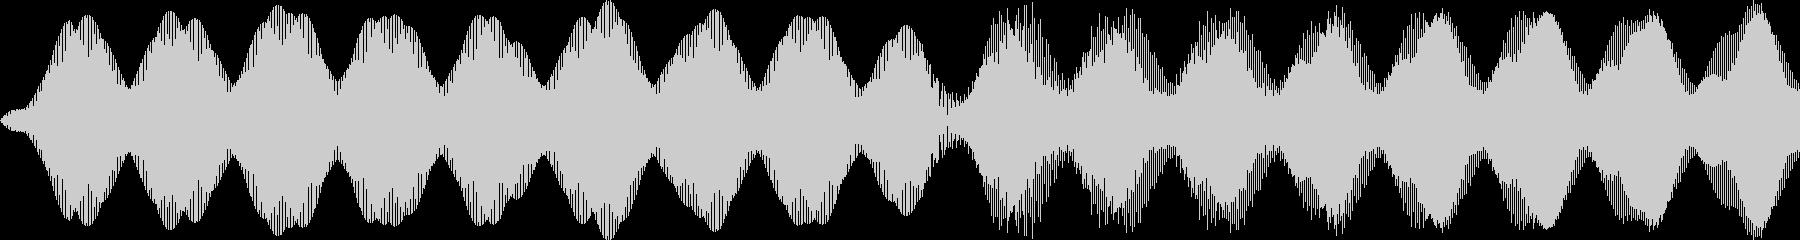 救急車/ピーポー/ループの未再生の波形